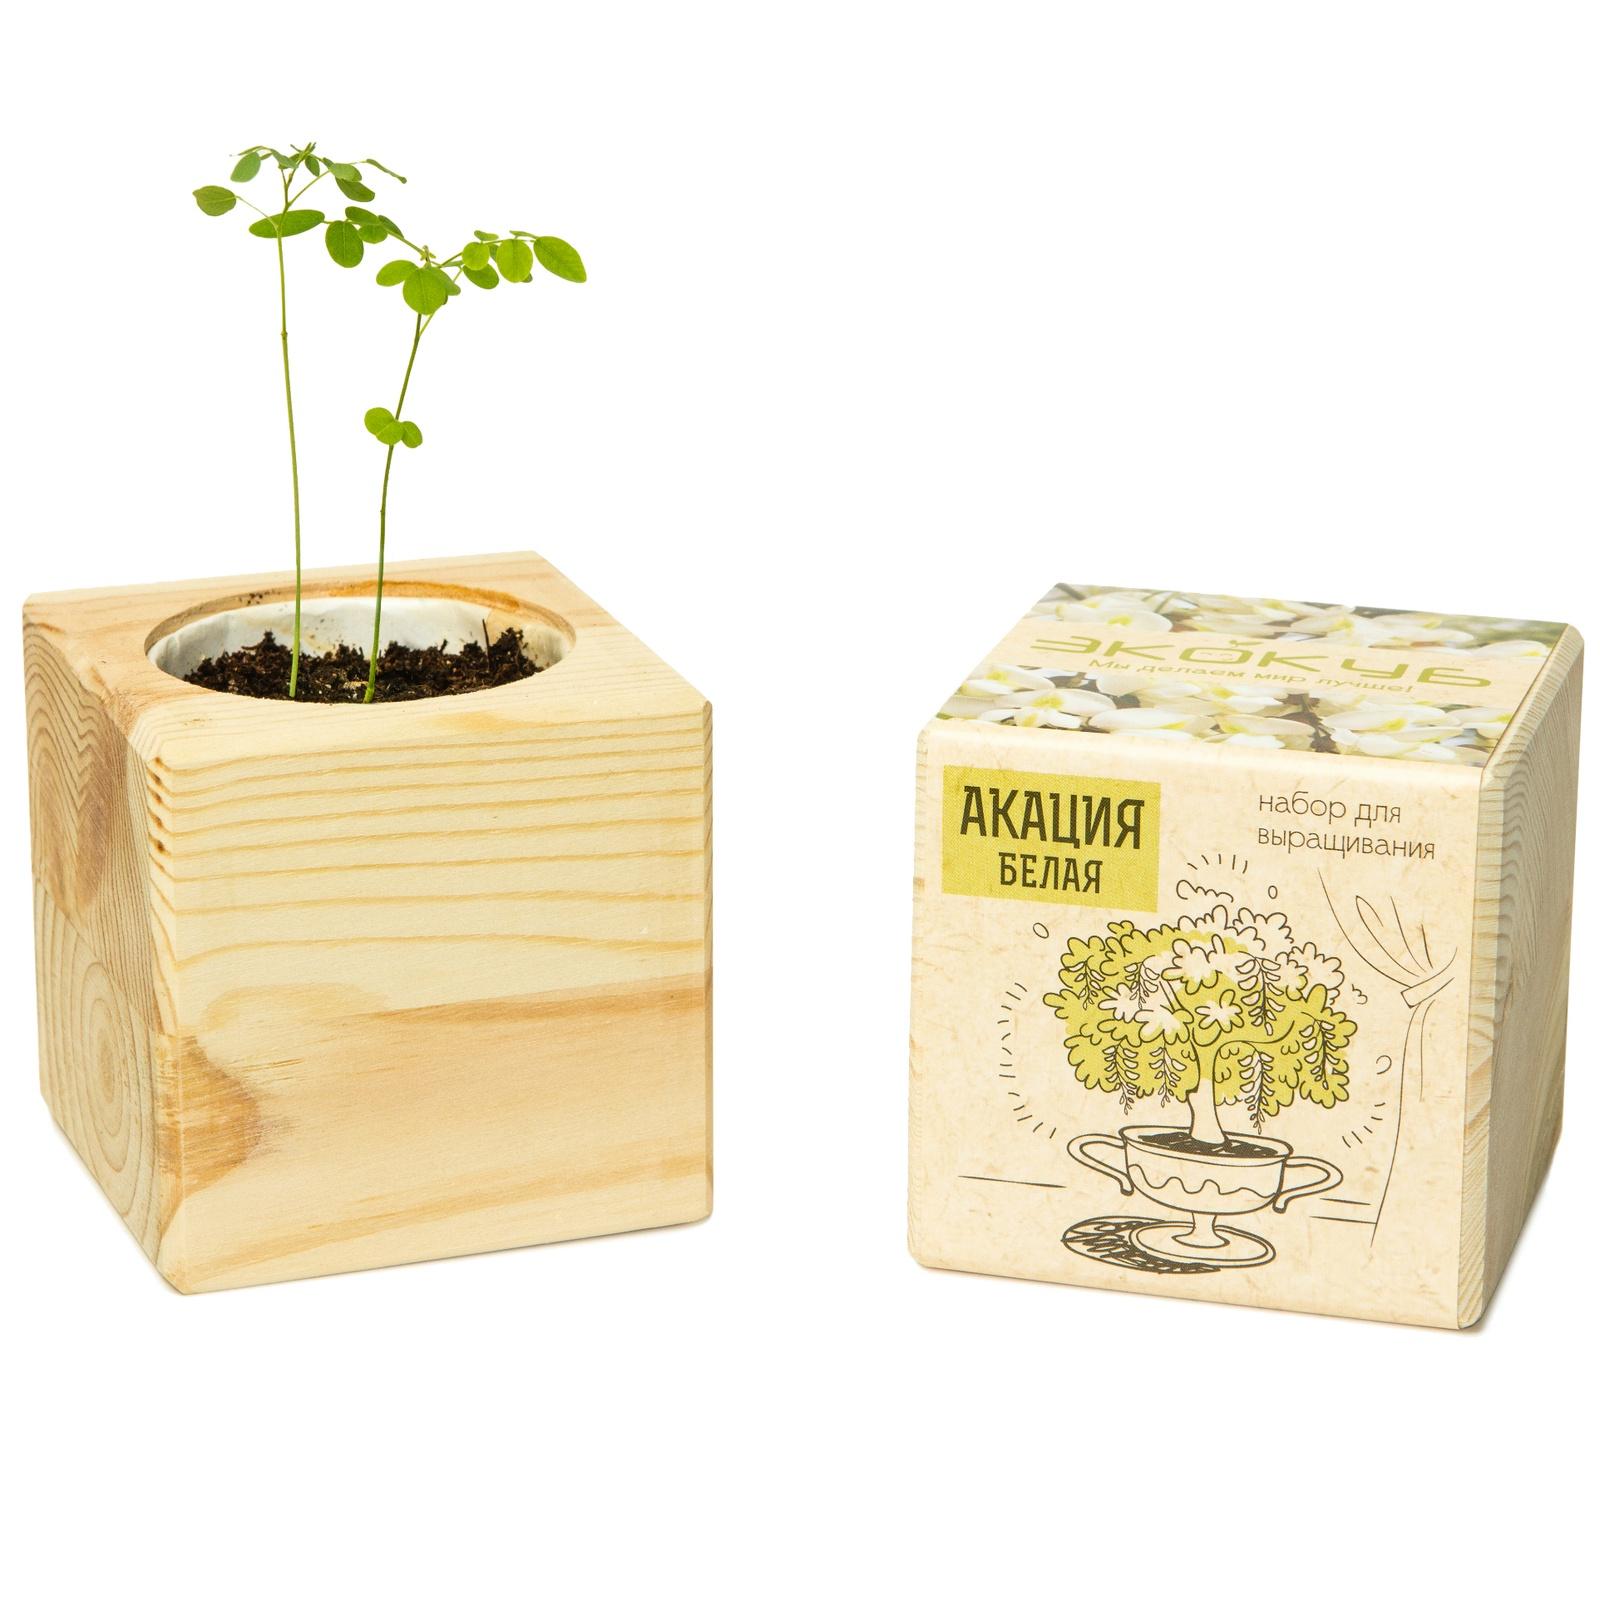 Сувенирный набор ЭЙФОРД Набор для выращивания Экокуб Акация белая, ECB-01-10, светло-бежевый именной набор для выращивания свадебного дерева